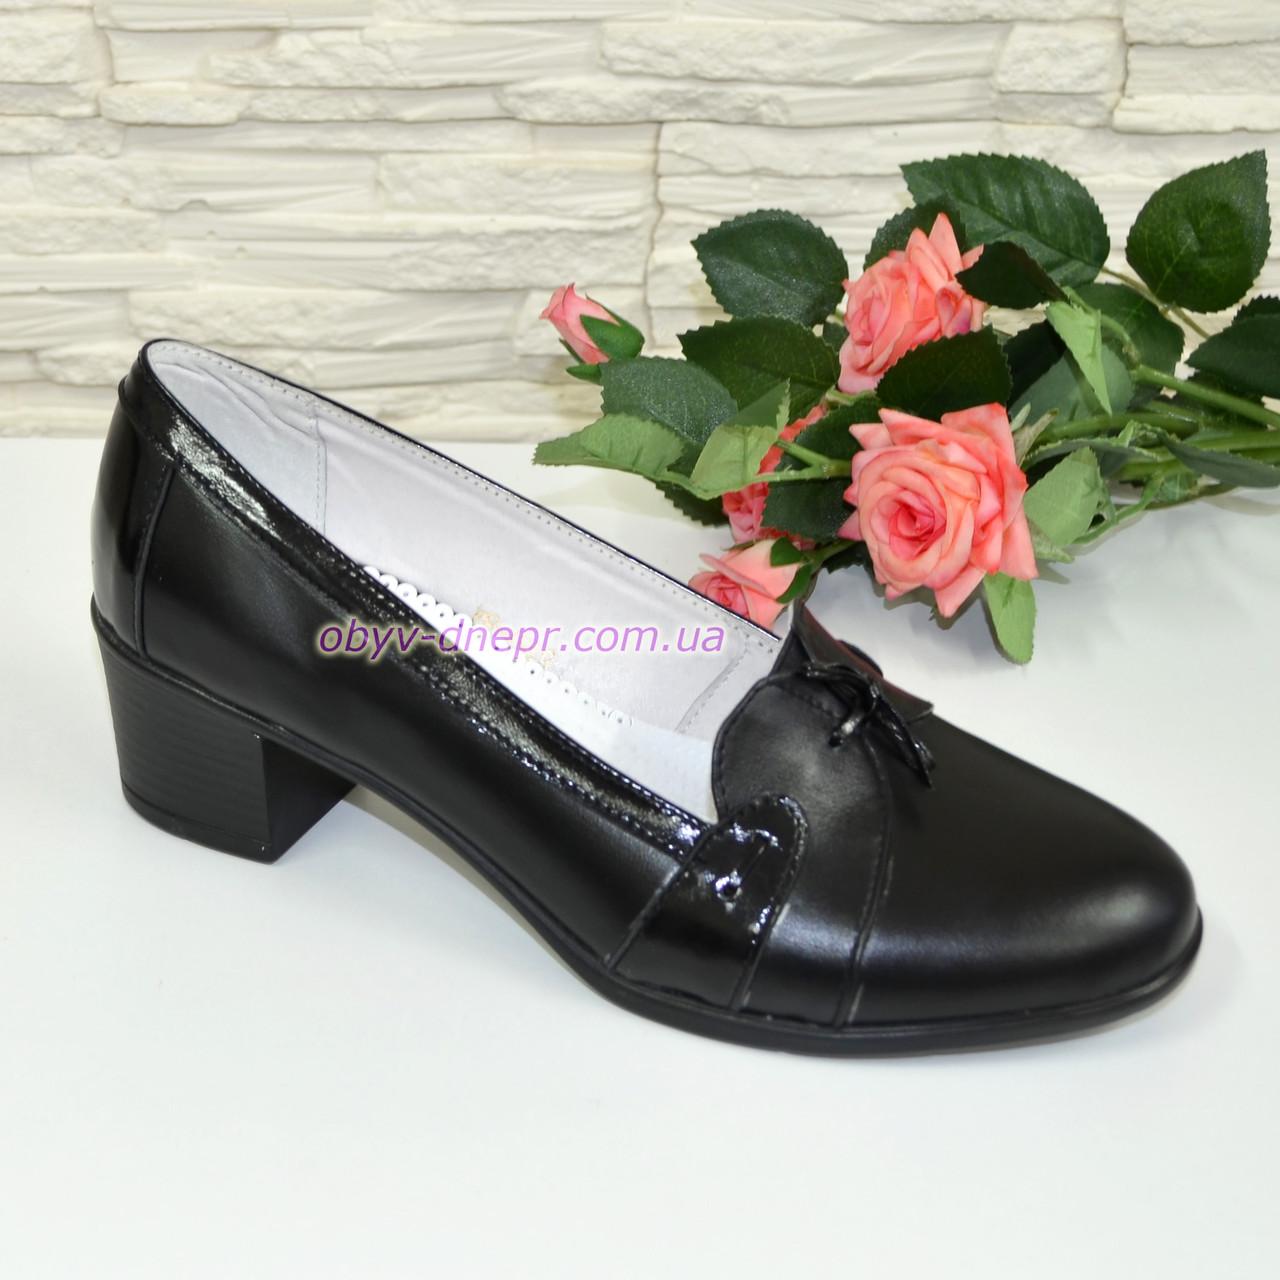 Жіночі туфлі на стійкому каблуці, натуральна шкіра лак.